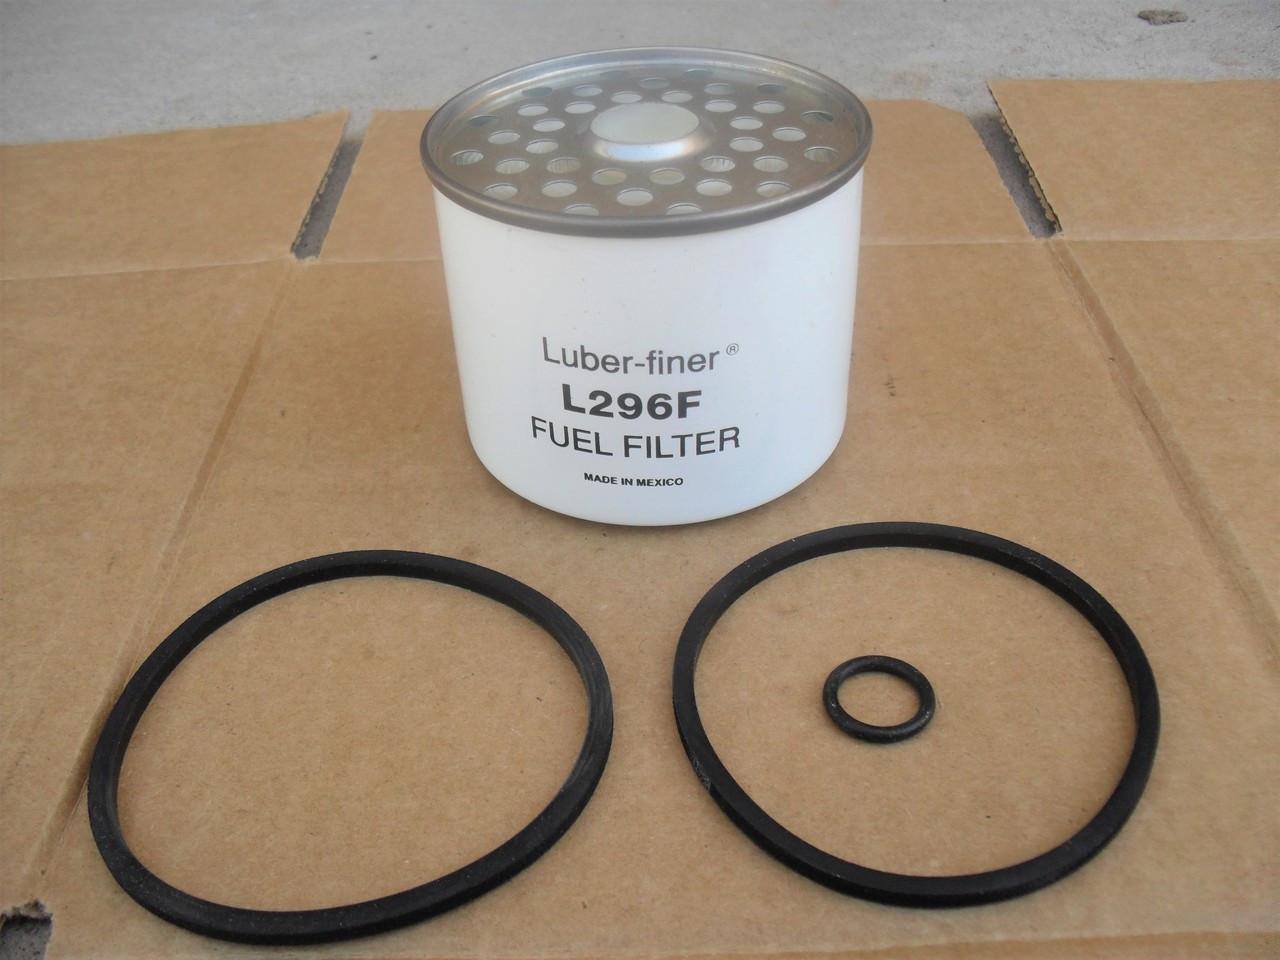 fuel filter for toro 335d 455 6500d reel master ground master 765220 76 5220 www lawnmowerpartstore com [ 1280 x 960 Pixel ]